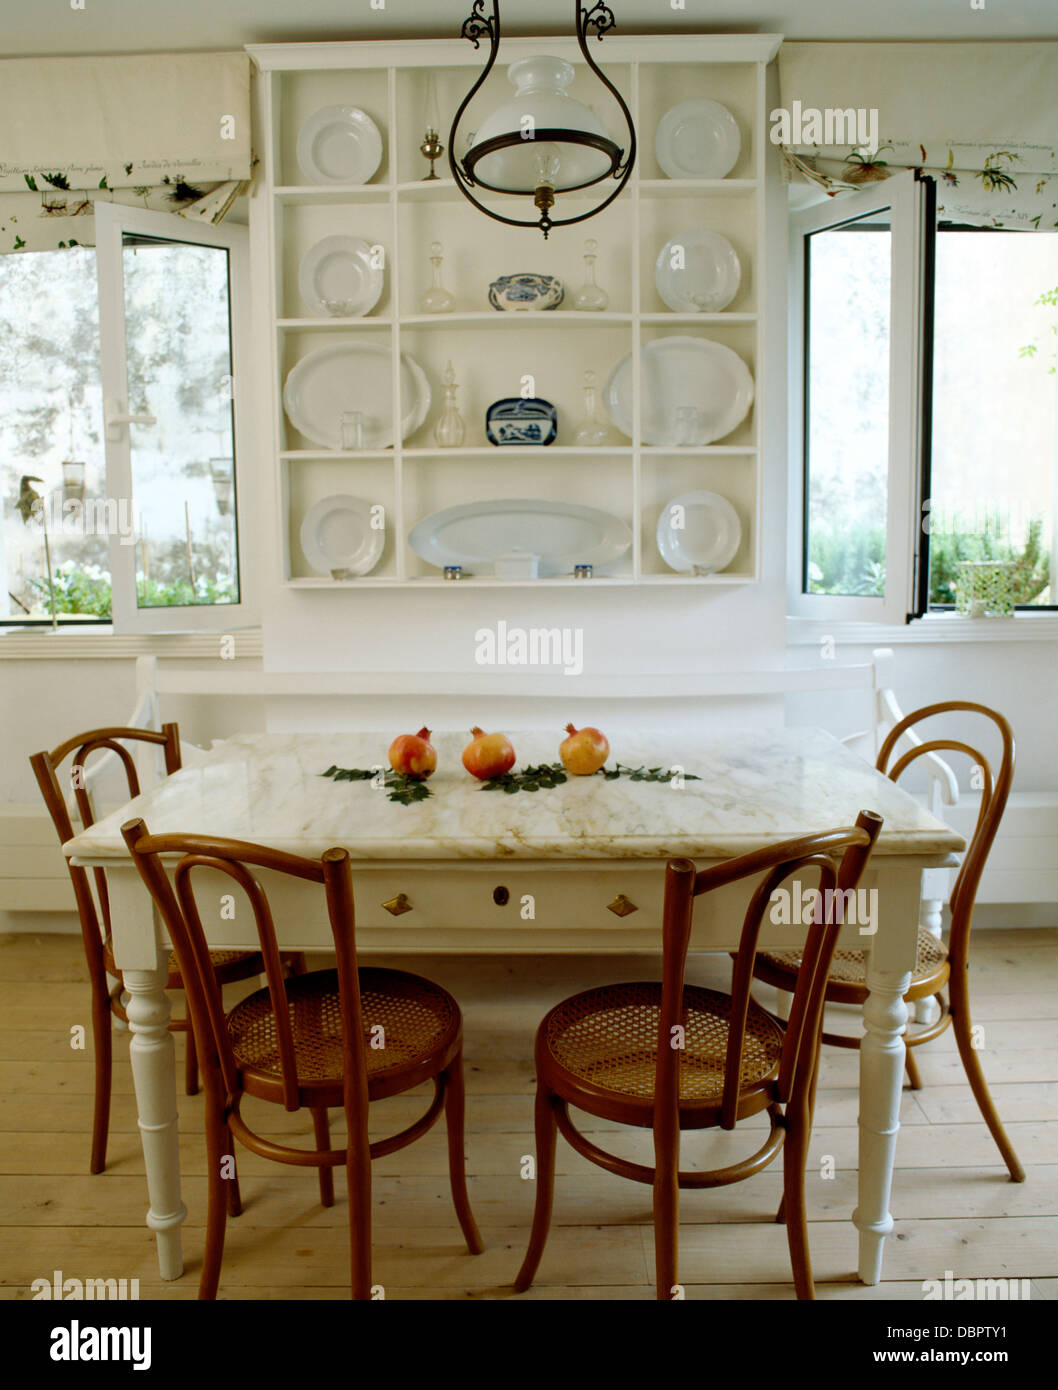 Einfache Weiße Regale Und Gemalten Tisch Mit Alten Bugholzstühle In Weißen  Küsten Speisesaal Stockbild